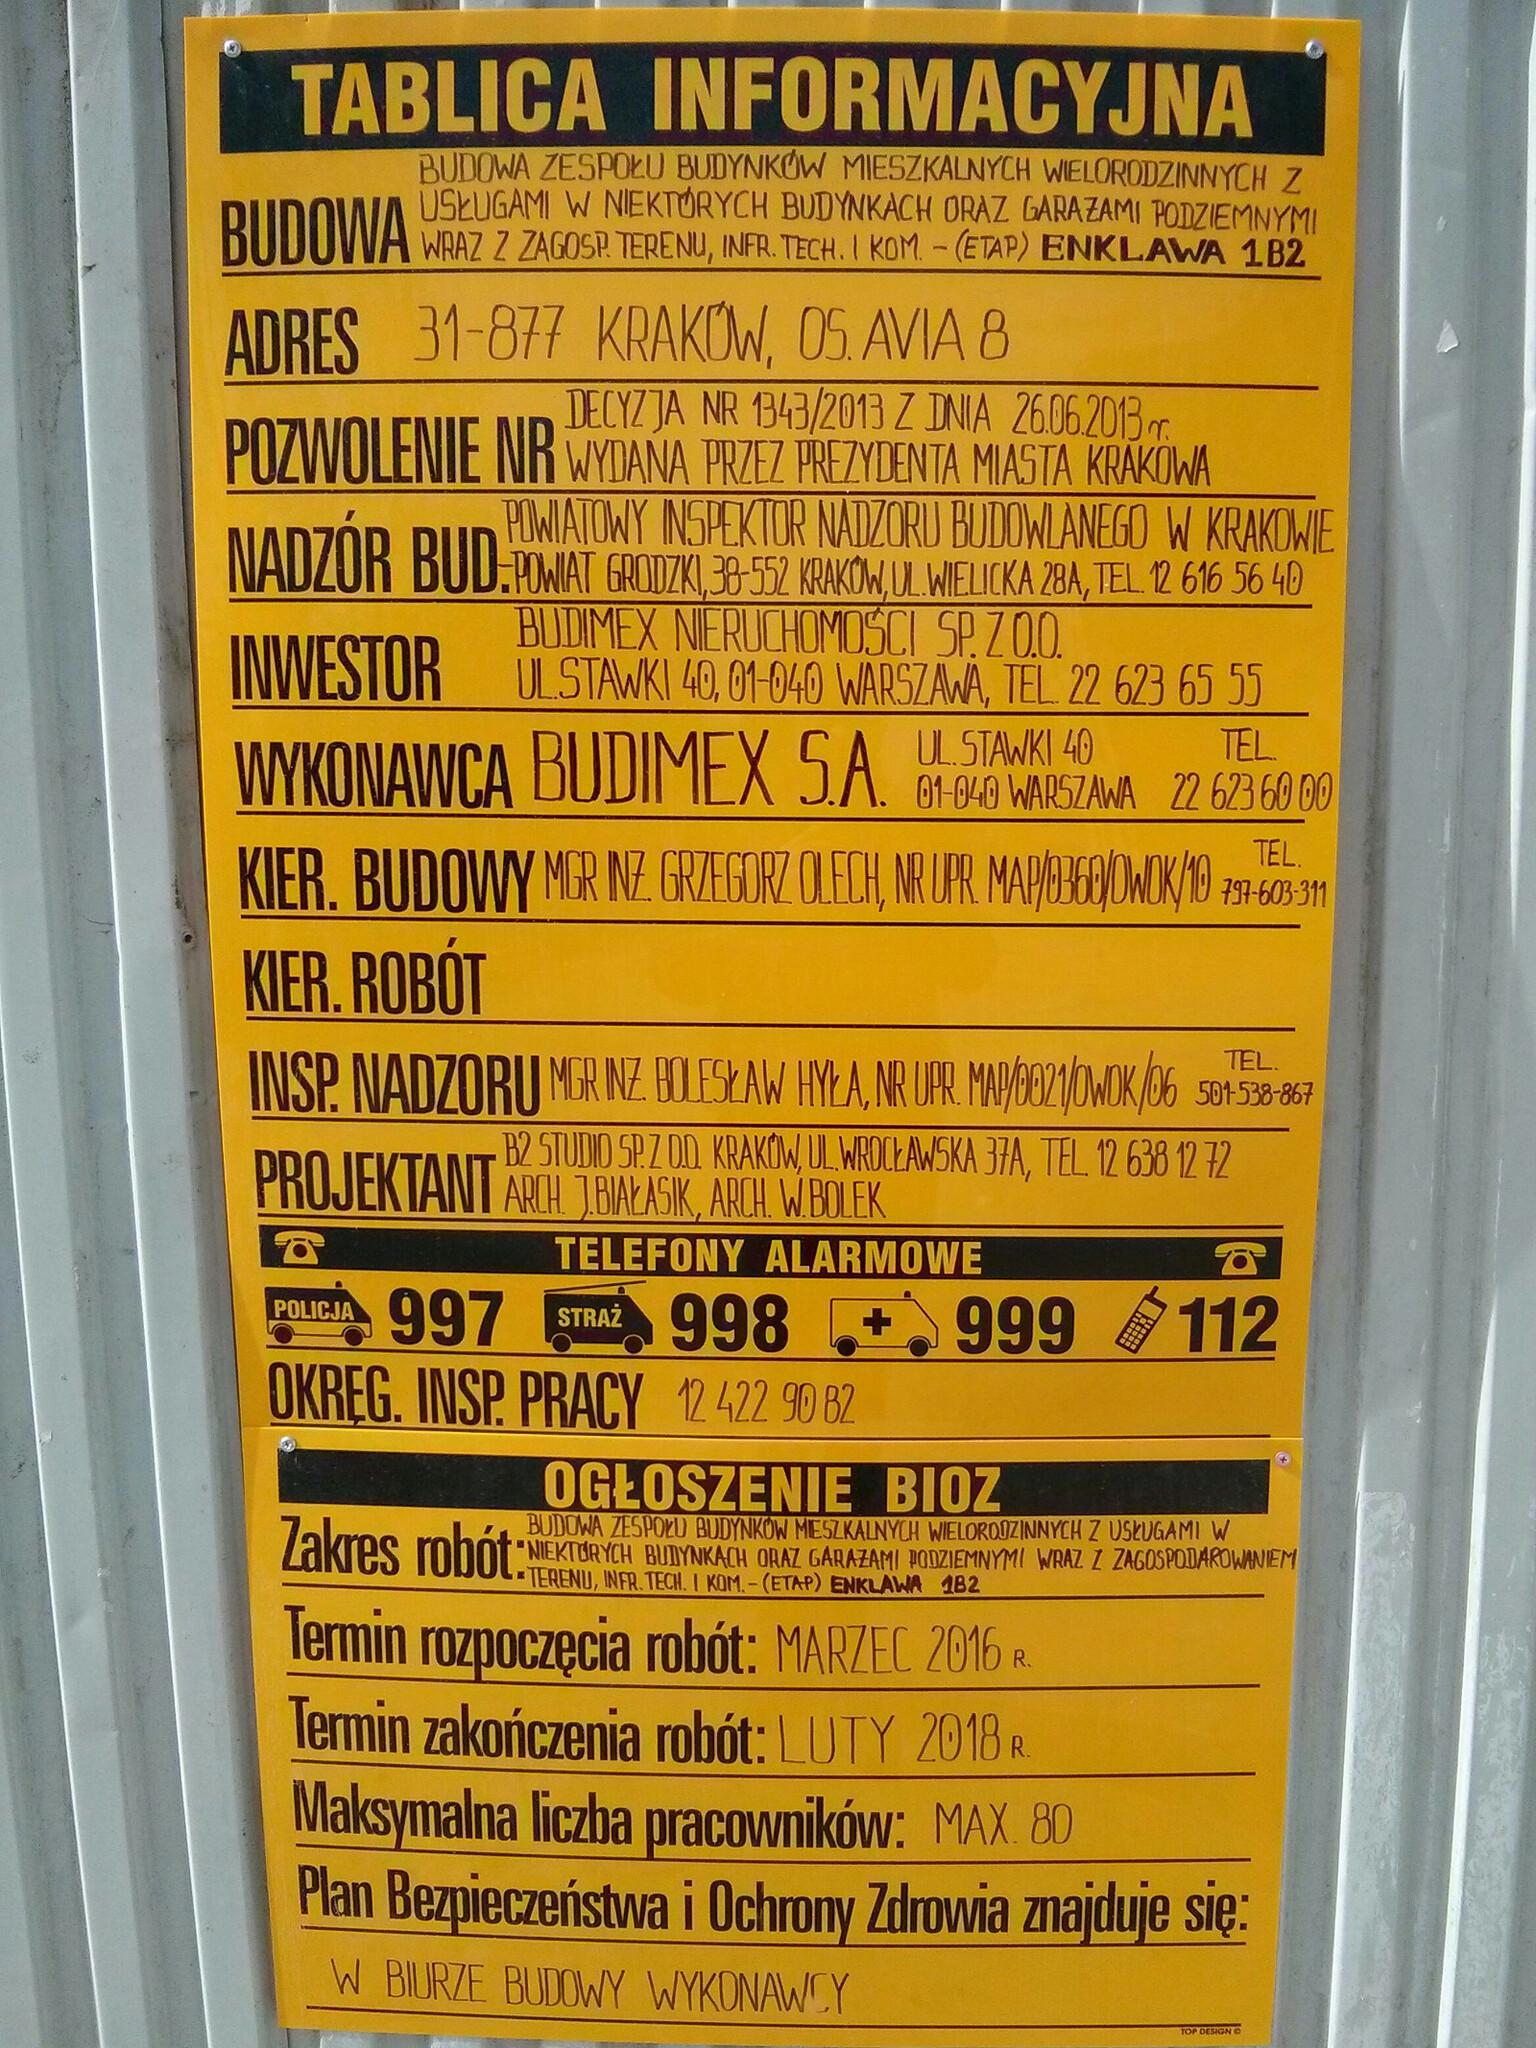 Tablica informacyjna o budowie osiedla Avia 8 Budimex w Krakowie